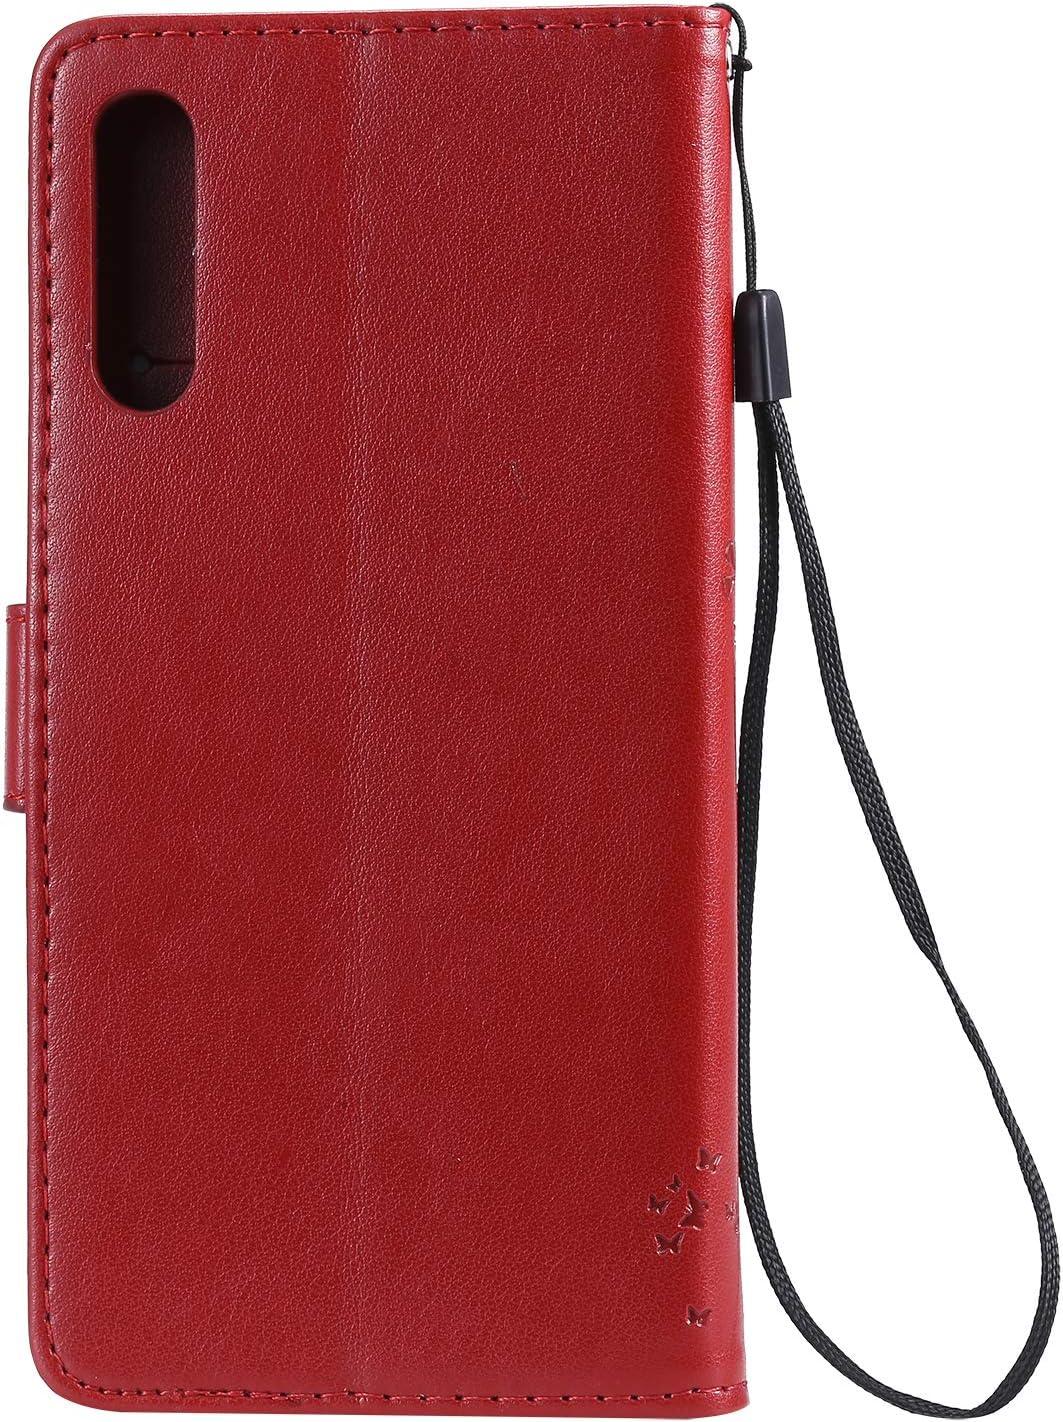 Karomenic kompatibel mit Samsung Galaxy A50 PU Leder H/ülle Katze Baum Pr/ägung Handyh/ülle Brieftasche Silikon Schutzh/ülle Klapph/ülle Ledertasche St/änder Wallet Flip Case Schale Etui,Grau